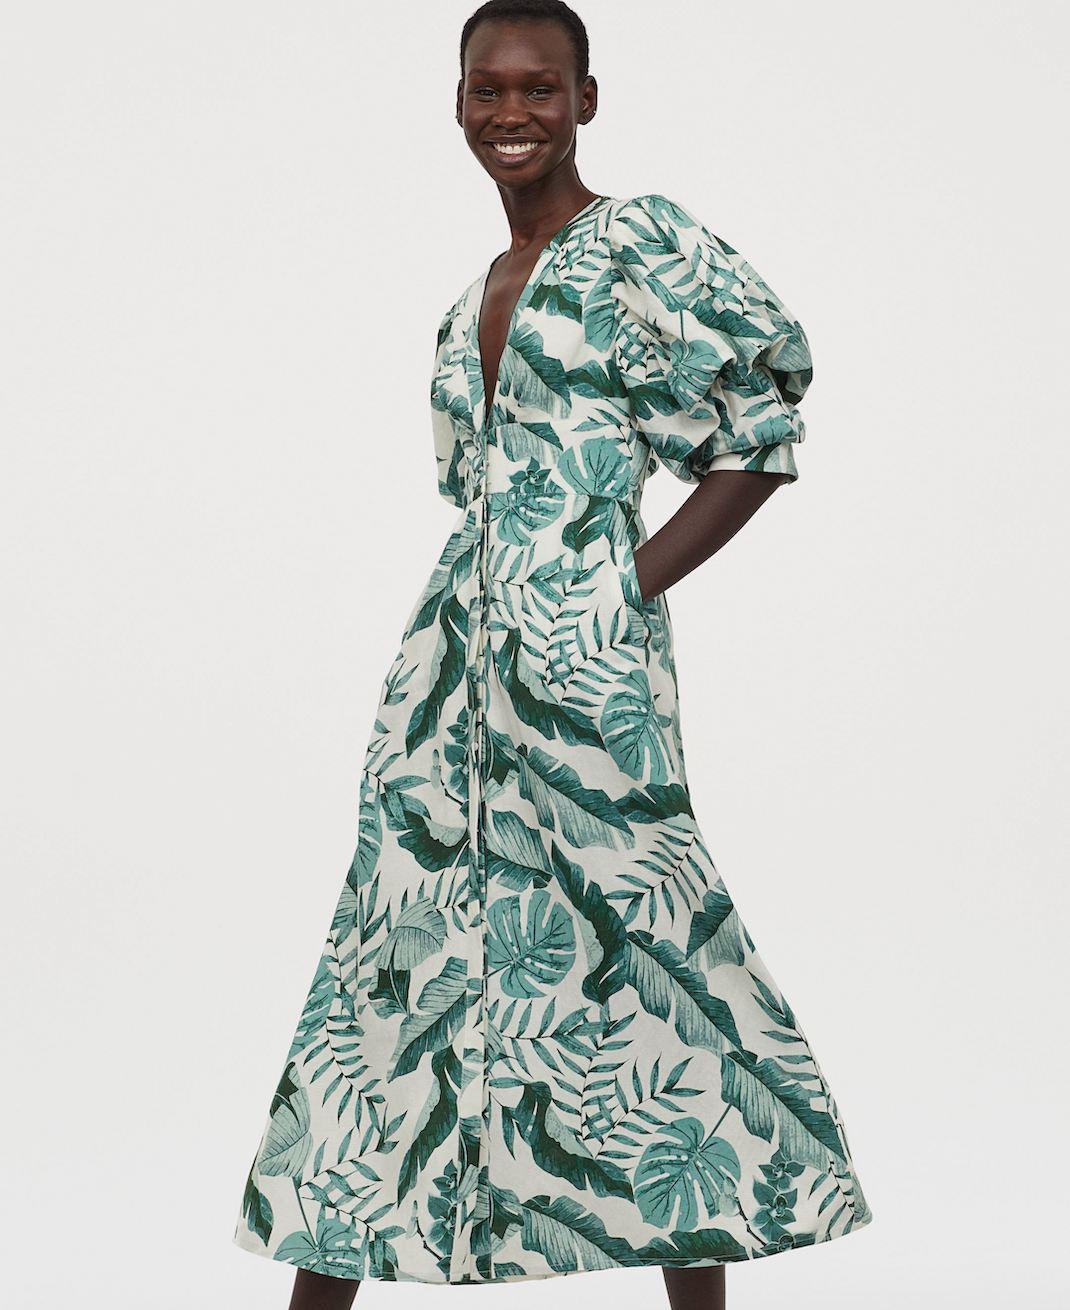 μοντέλο με φόρεμα hm